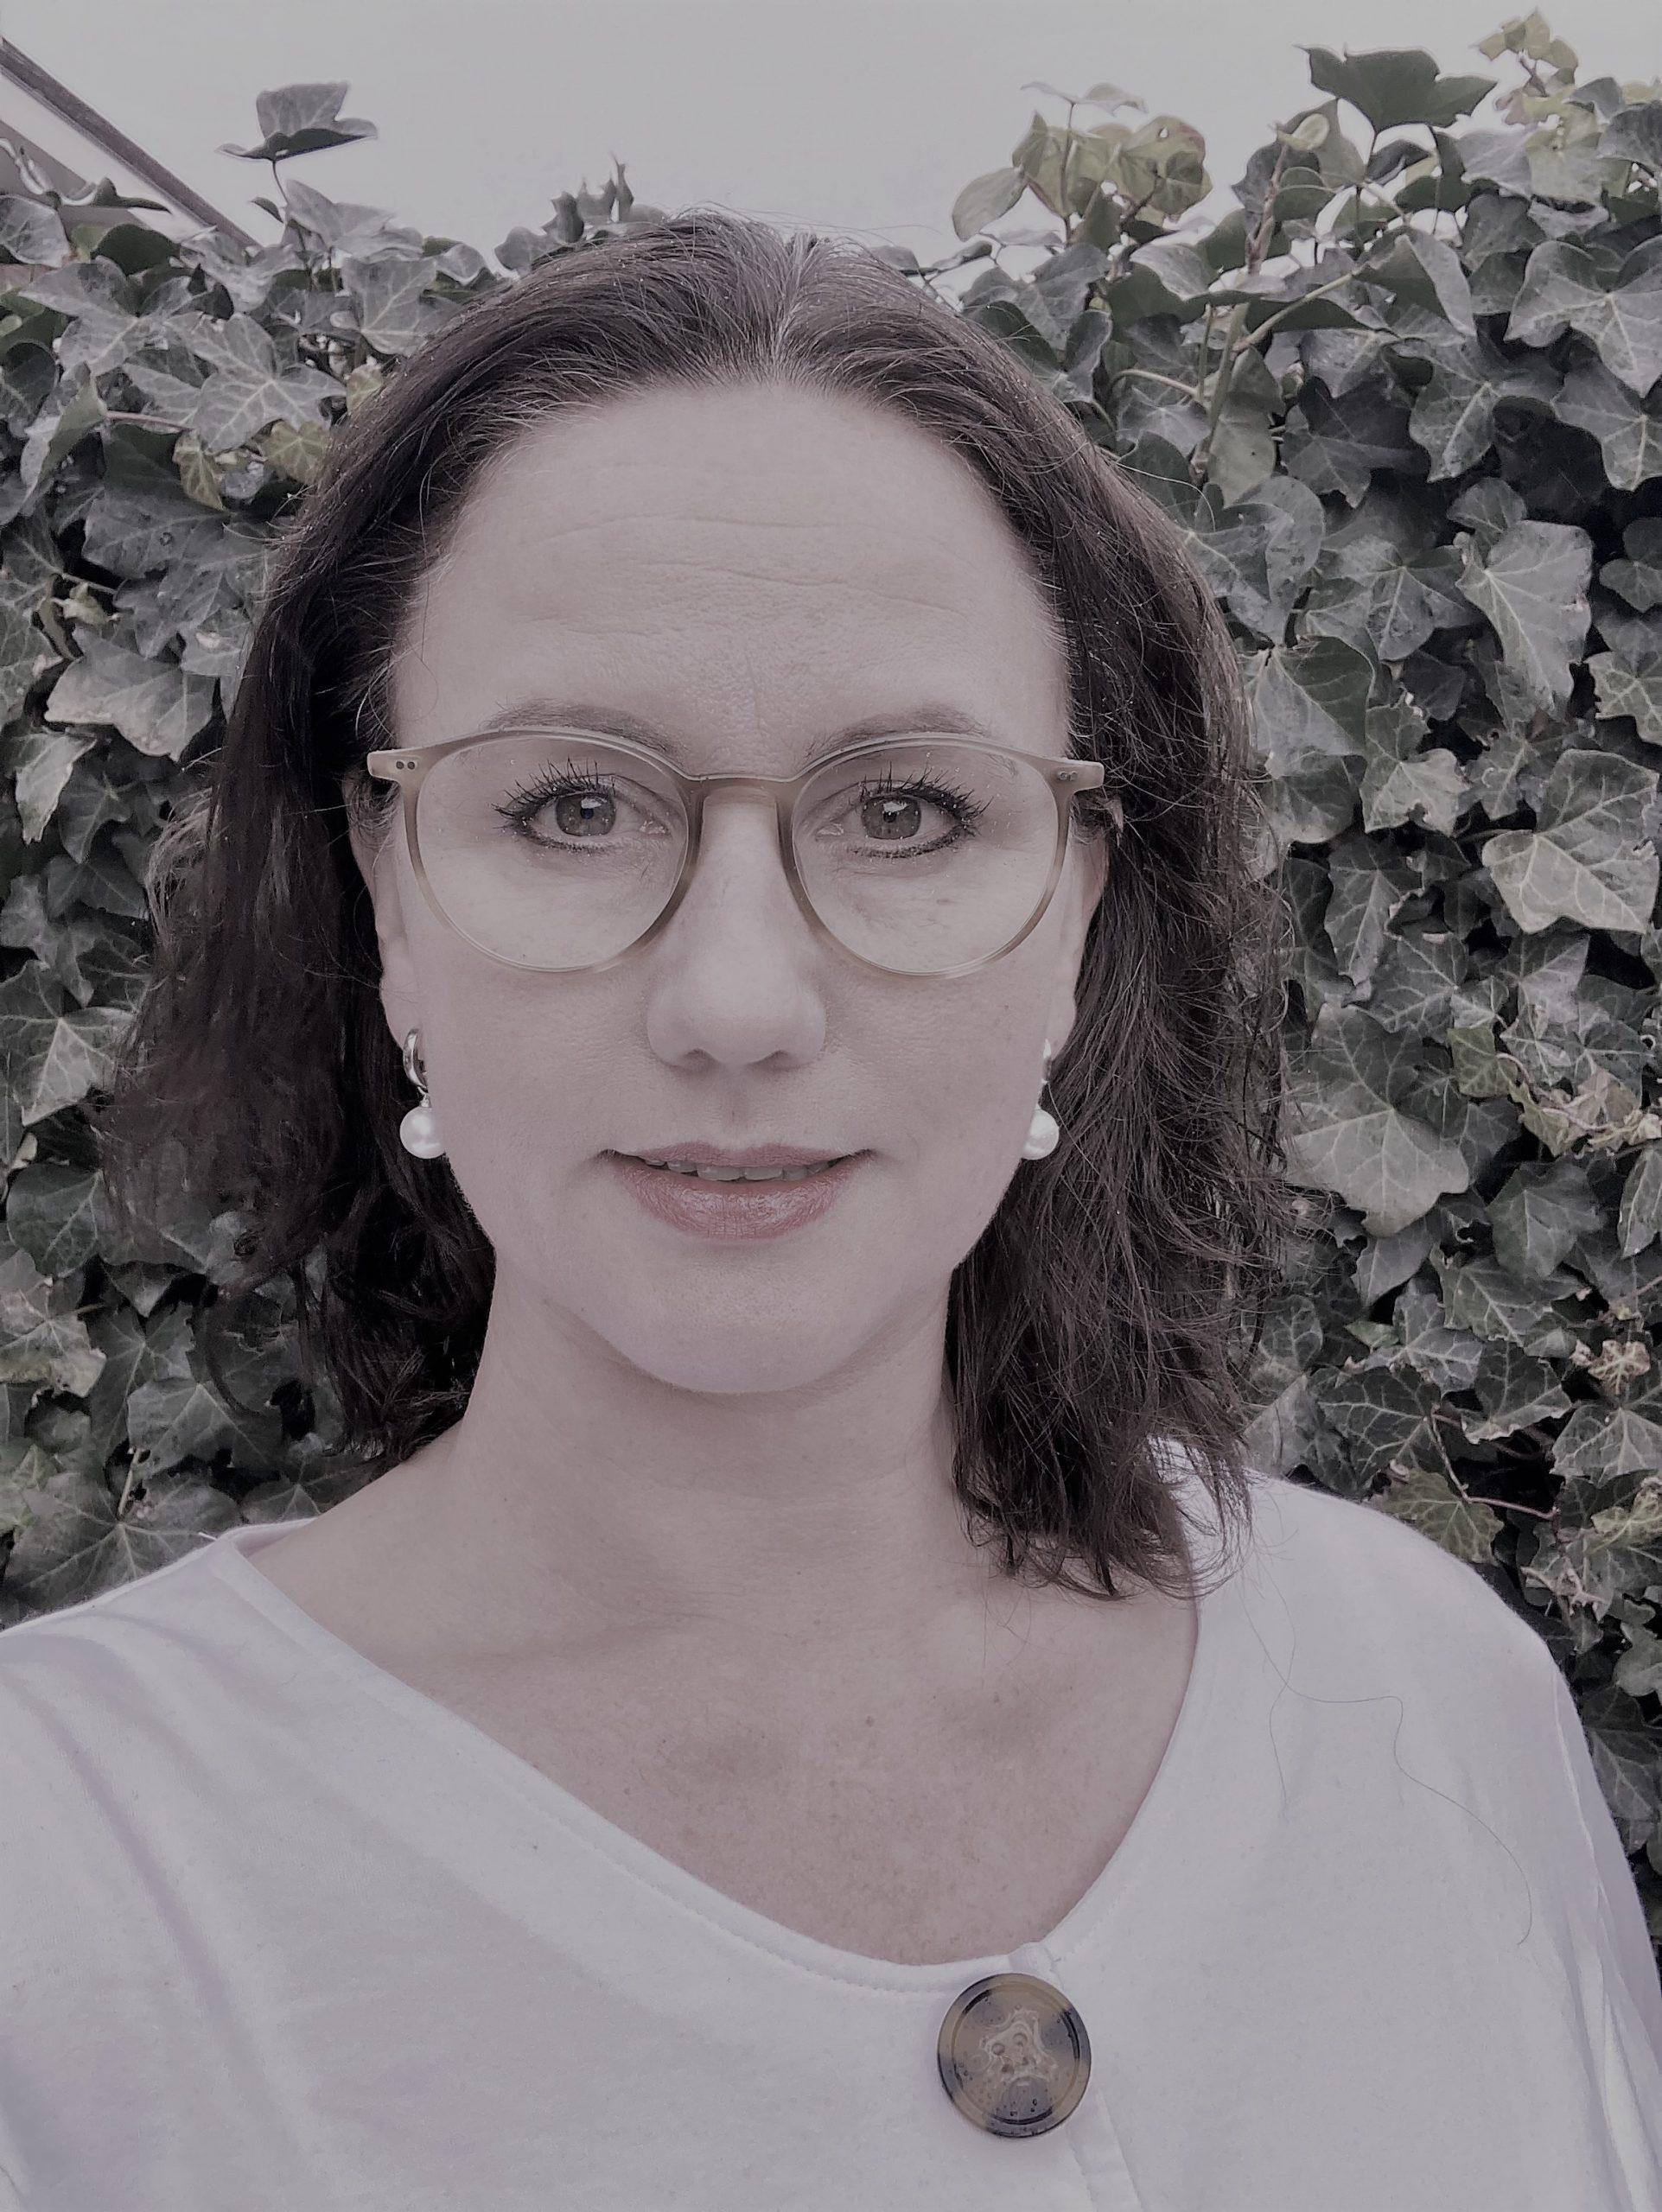 Mr. Priscilla de Haas